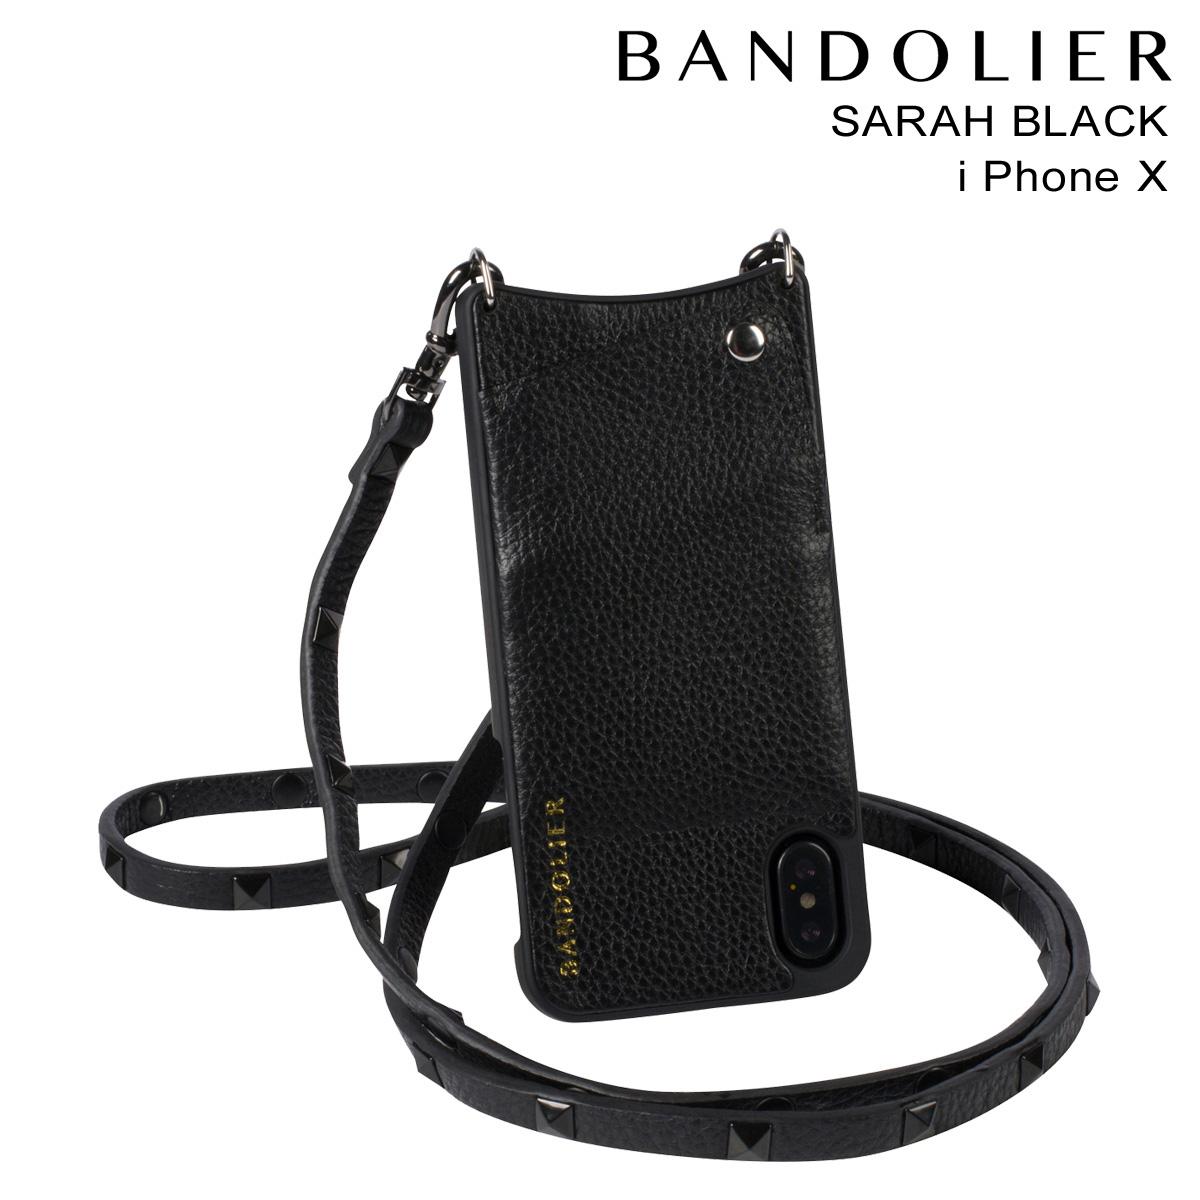 【最大2000円OFFクーポン】 BANDOLIER バンドリヤー iPhoneX ケース スマホ アイフォン SARAH BLACK レザー メンズ レディース [3/19 再入荷]